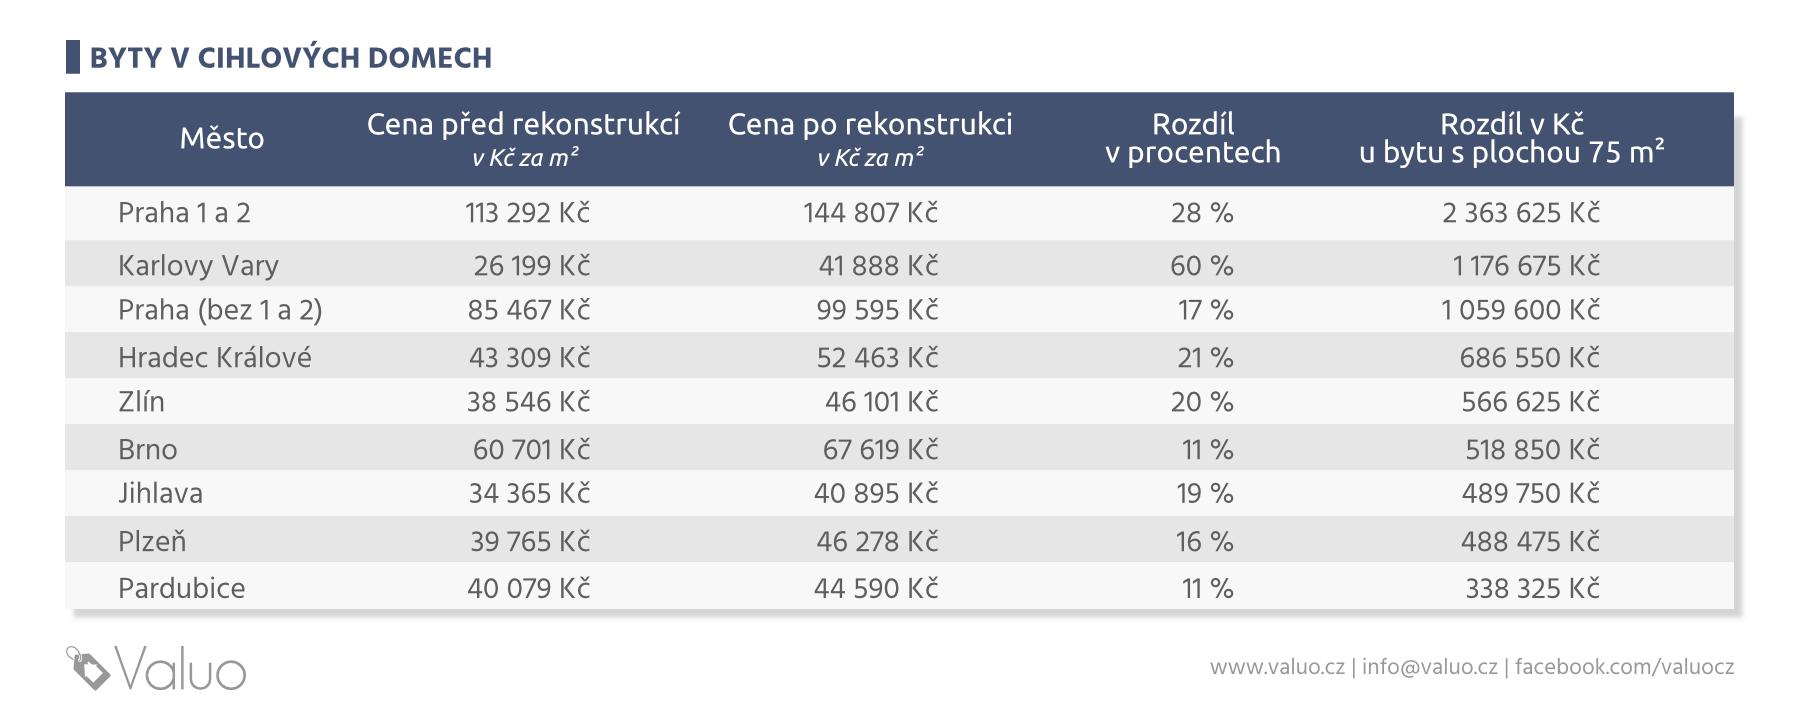 Jak ovlivní rekonstrukce cenu bytu v cihlovém domě - částky